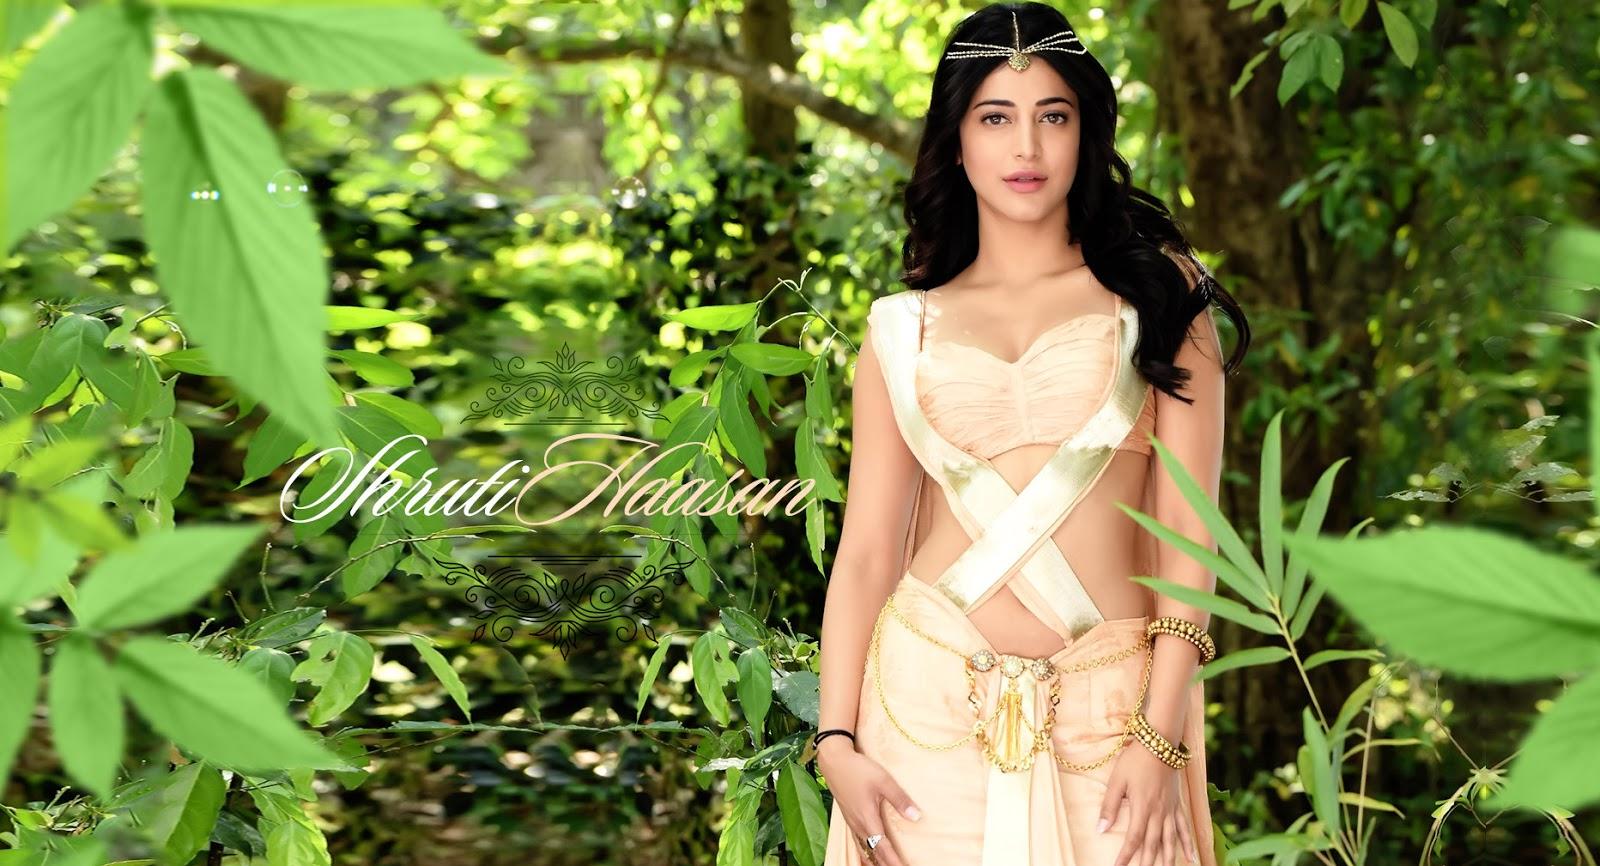 shruti haasan beautiful actress photoshoot